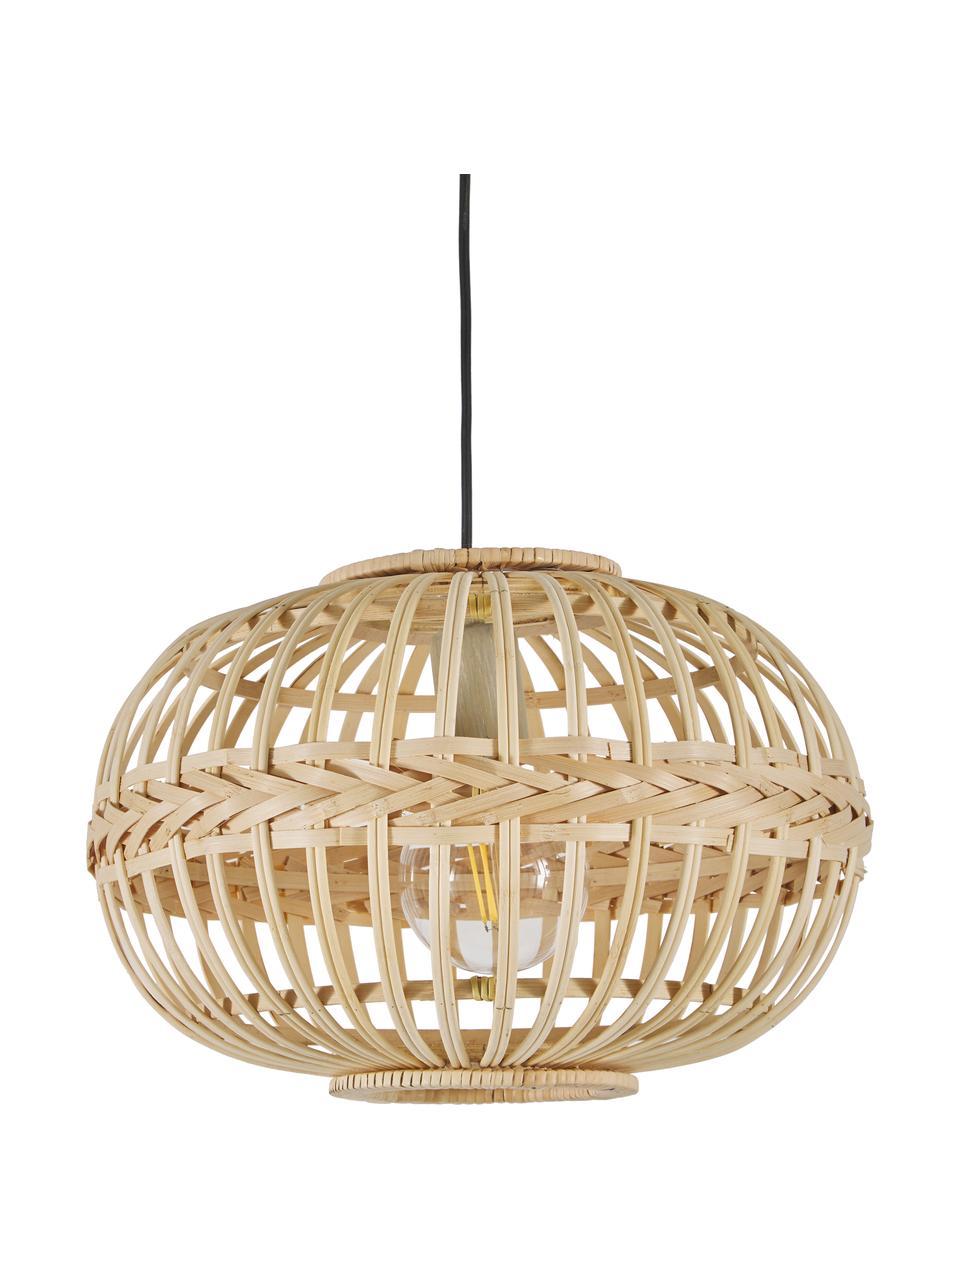 Lampa wisząca z drewna bambusowego Adam, Beżowy, Ø 38 cm x W 27 cm